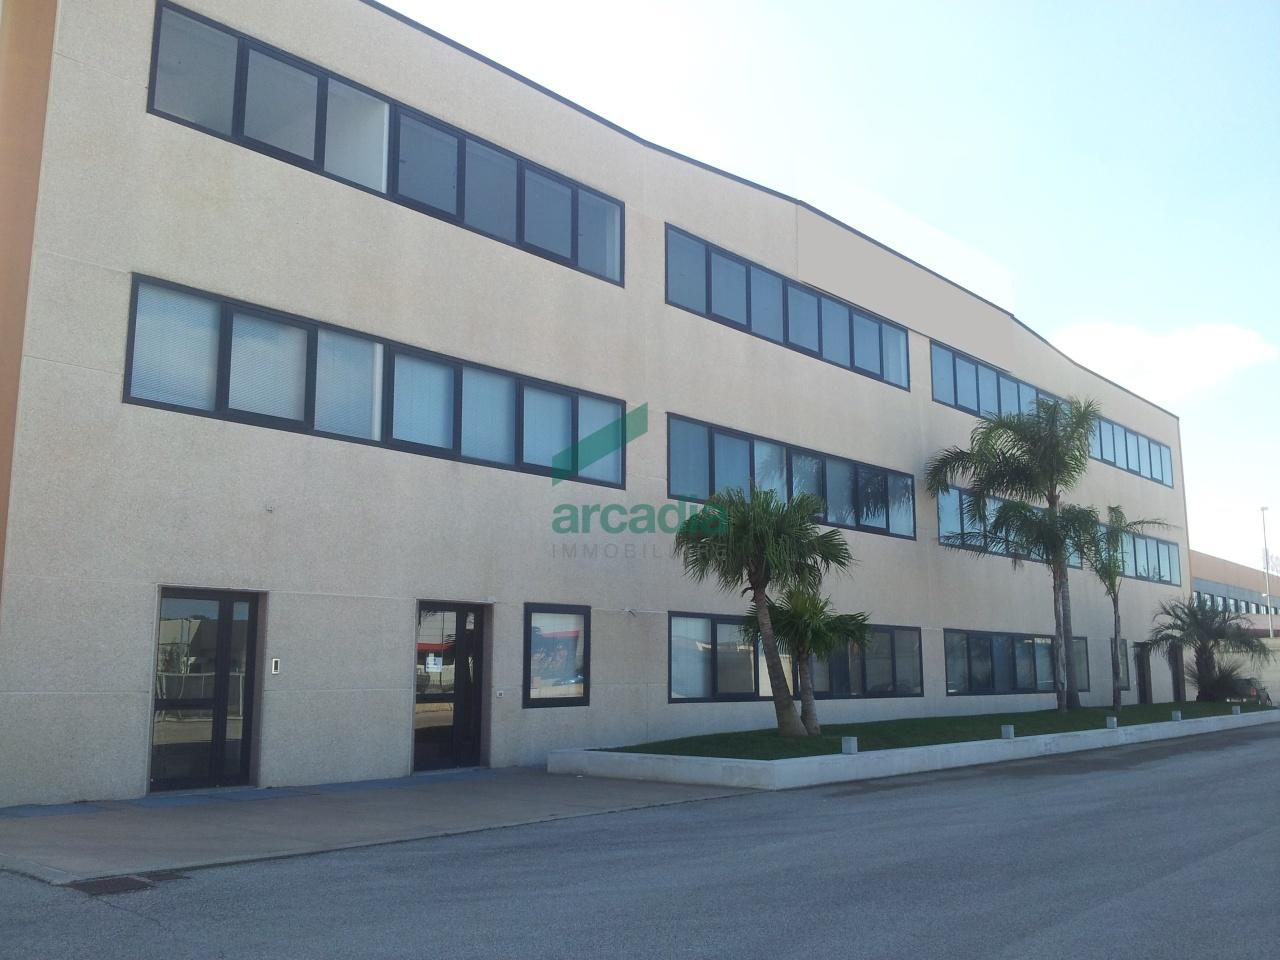 Capannone - Industriale a Zona Industriale, Modugno Rif. 10491874